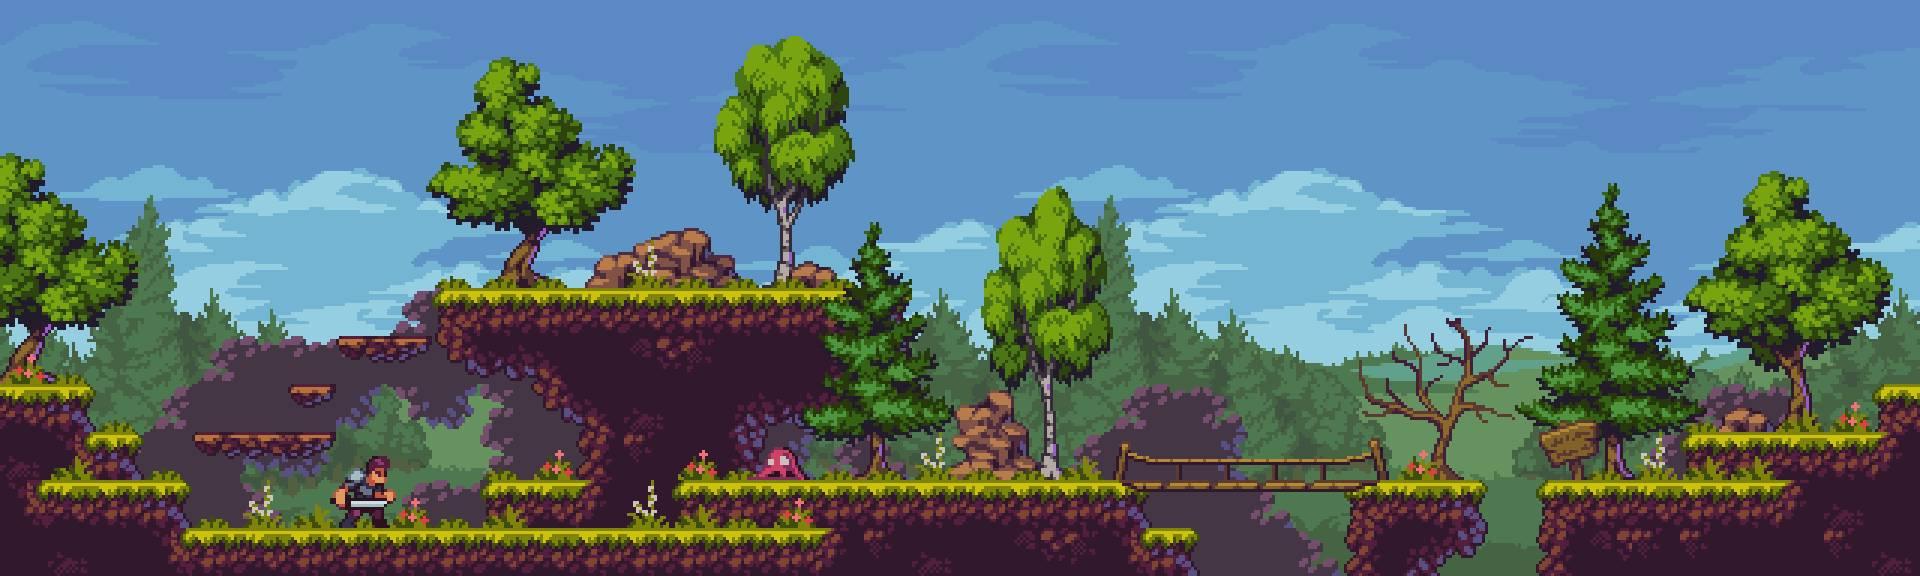 Fantasy Forest - Pixel Art Tileset